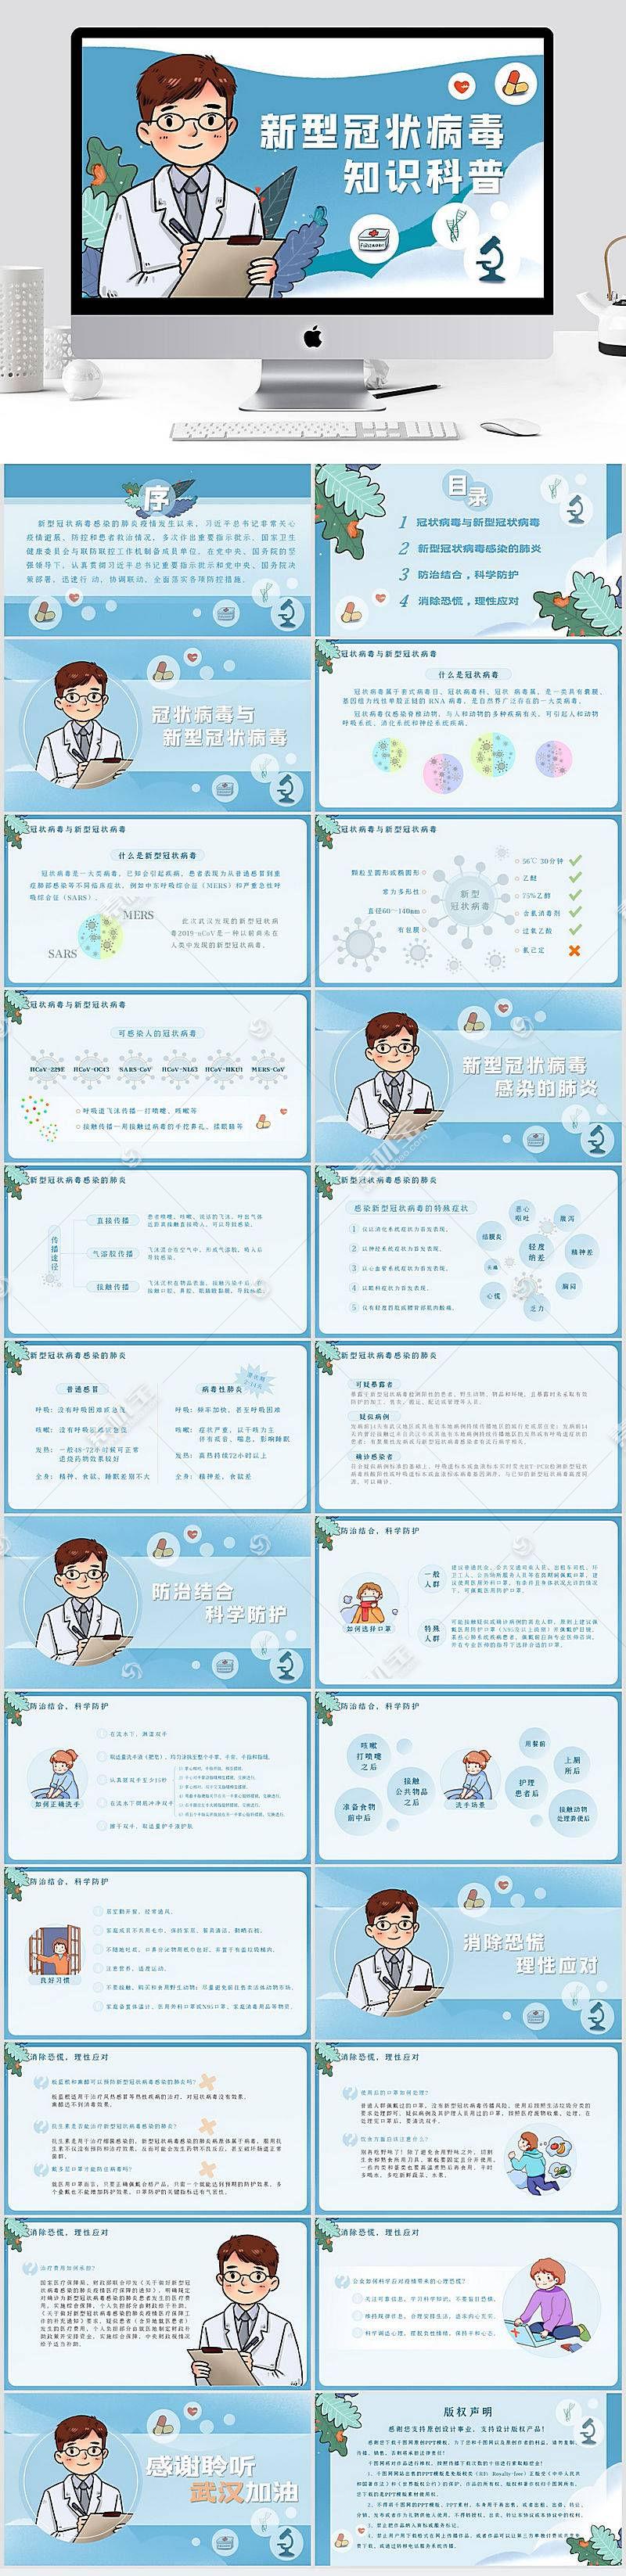 新型冠状病毒肺炎知识科普宣传PPT模板图片